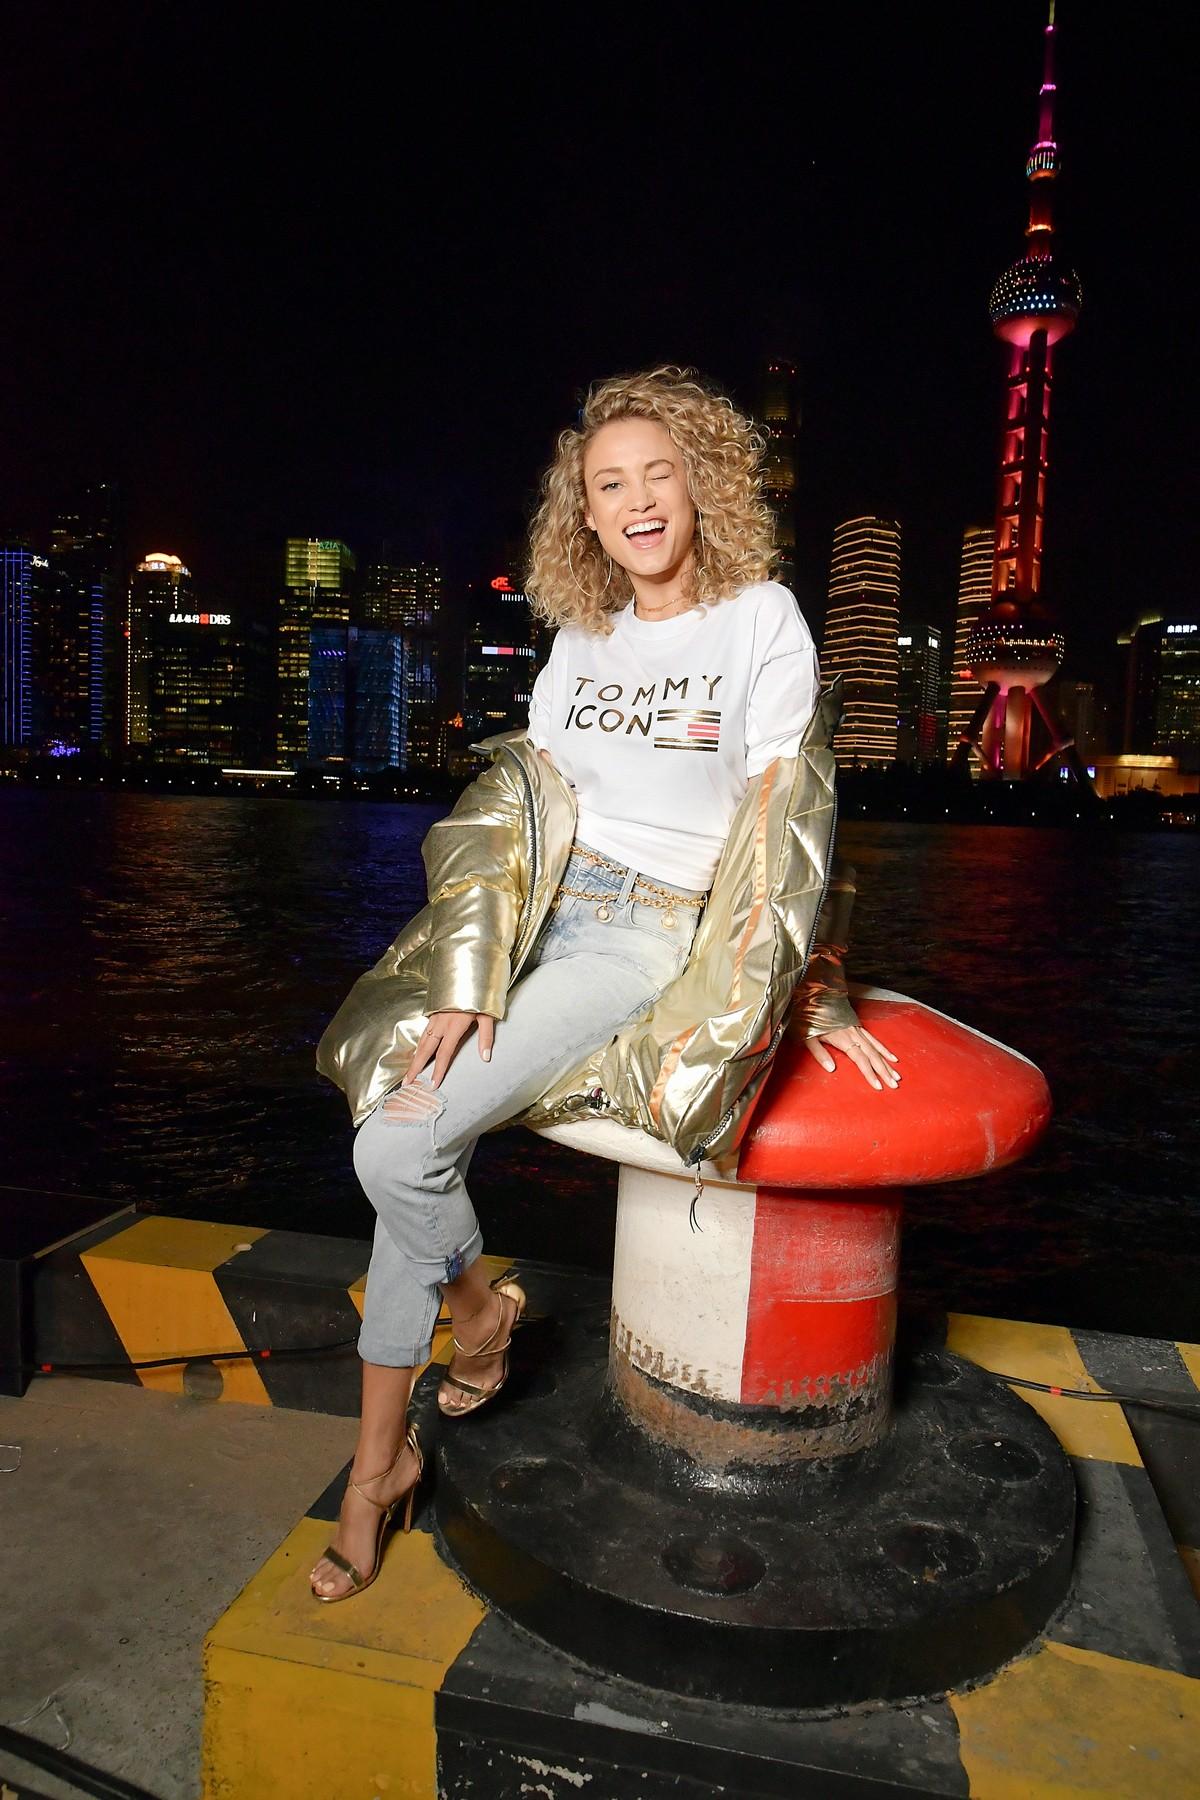 Tommy Hilfiger sfilata Shanghai Tommynow Icons